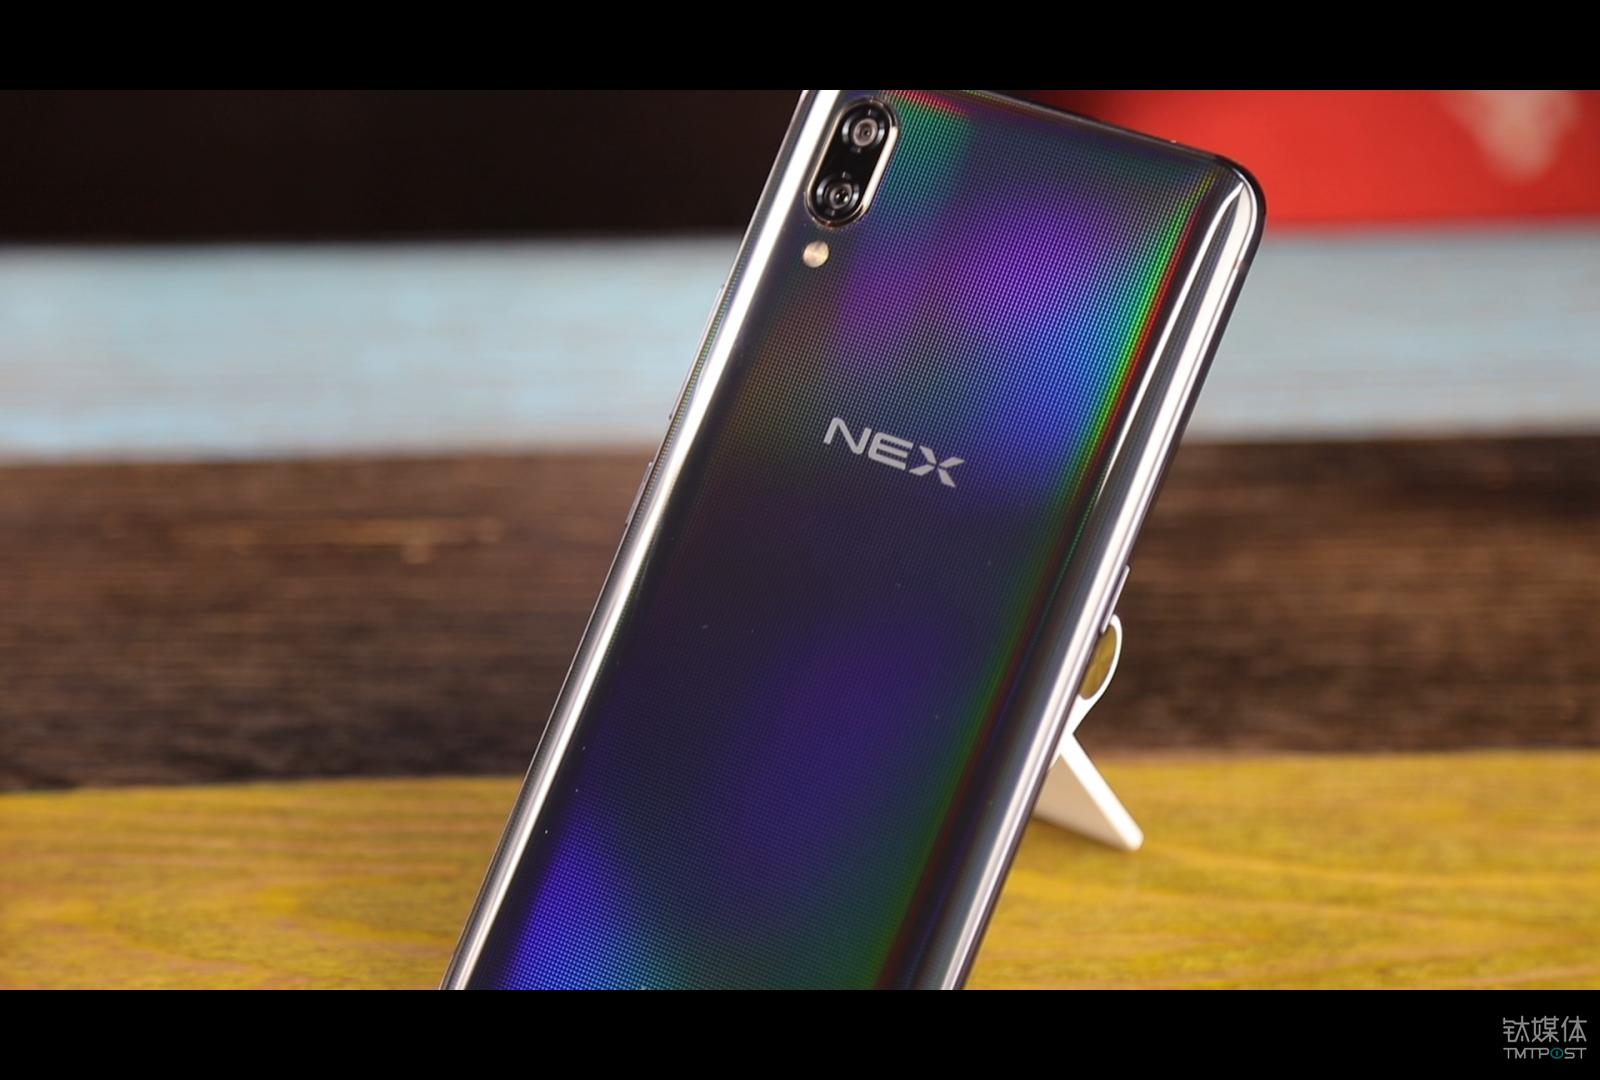 vivo NEX 而NEX的设计就更加低调,其背部虽然也采用了玻璃材质,但vivo加入了全息幻彩技术,加上纳米级激光工艺,在后盖上雕刻出数万个幻彩衍射单元,在强光照射下会显示一种色彩斑斓的黑色的感觉。相比于Find X来说,NEX显得更加低调。 在整个外观对比环节,Find X与NEX的屏幕都非常抢眼,超大屏占比对于显示效果来说确实能增加不少。而颜色设计方便,我更加倾向NEX低调的黑色,Find X的背后双曲面在手里的握持又很舒服。 综合考虑,在外观与屏幕方面,我还是更加喜欢OPPO Find X,设计